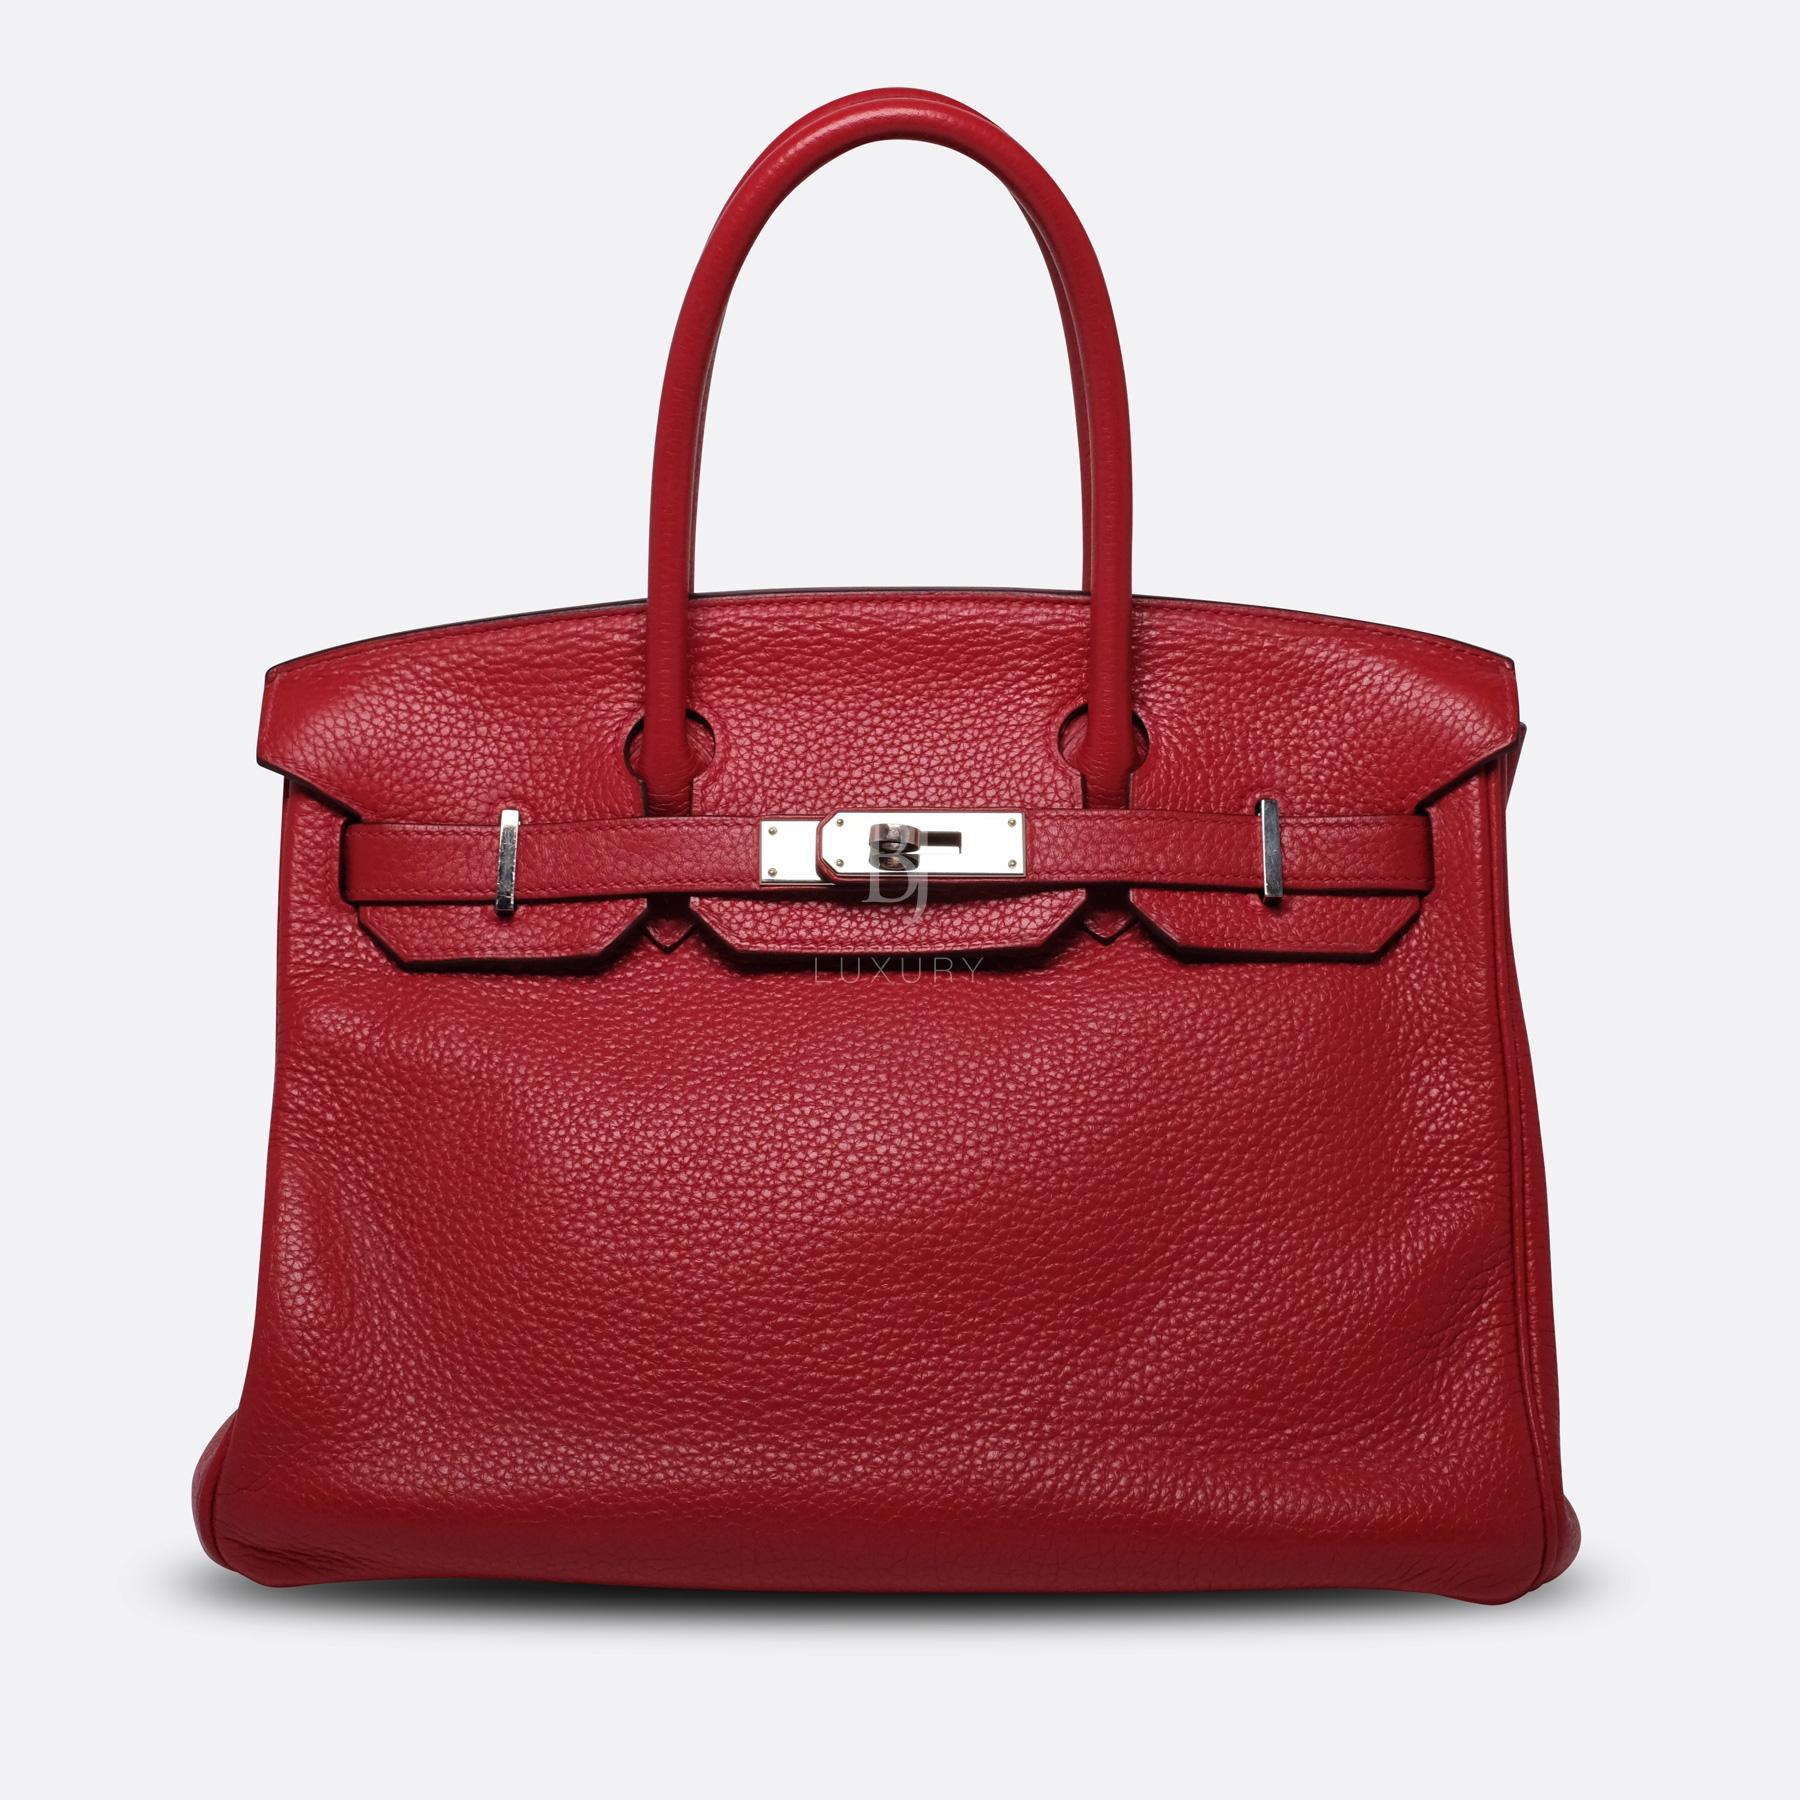 Hermes Birkin 30 Rouge Casaque Clemence Palladium BJ Luxury 10.jpg